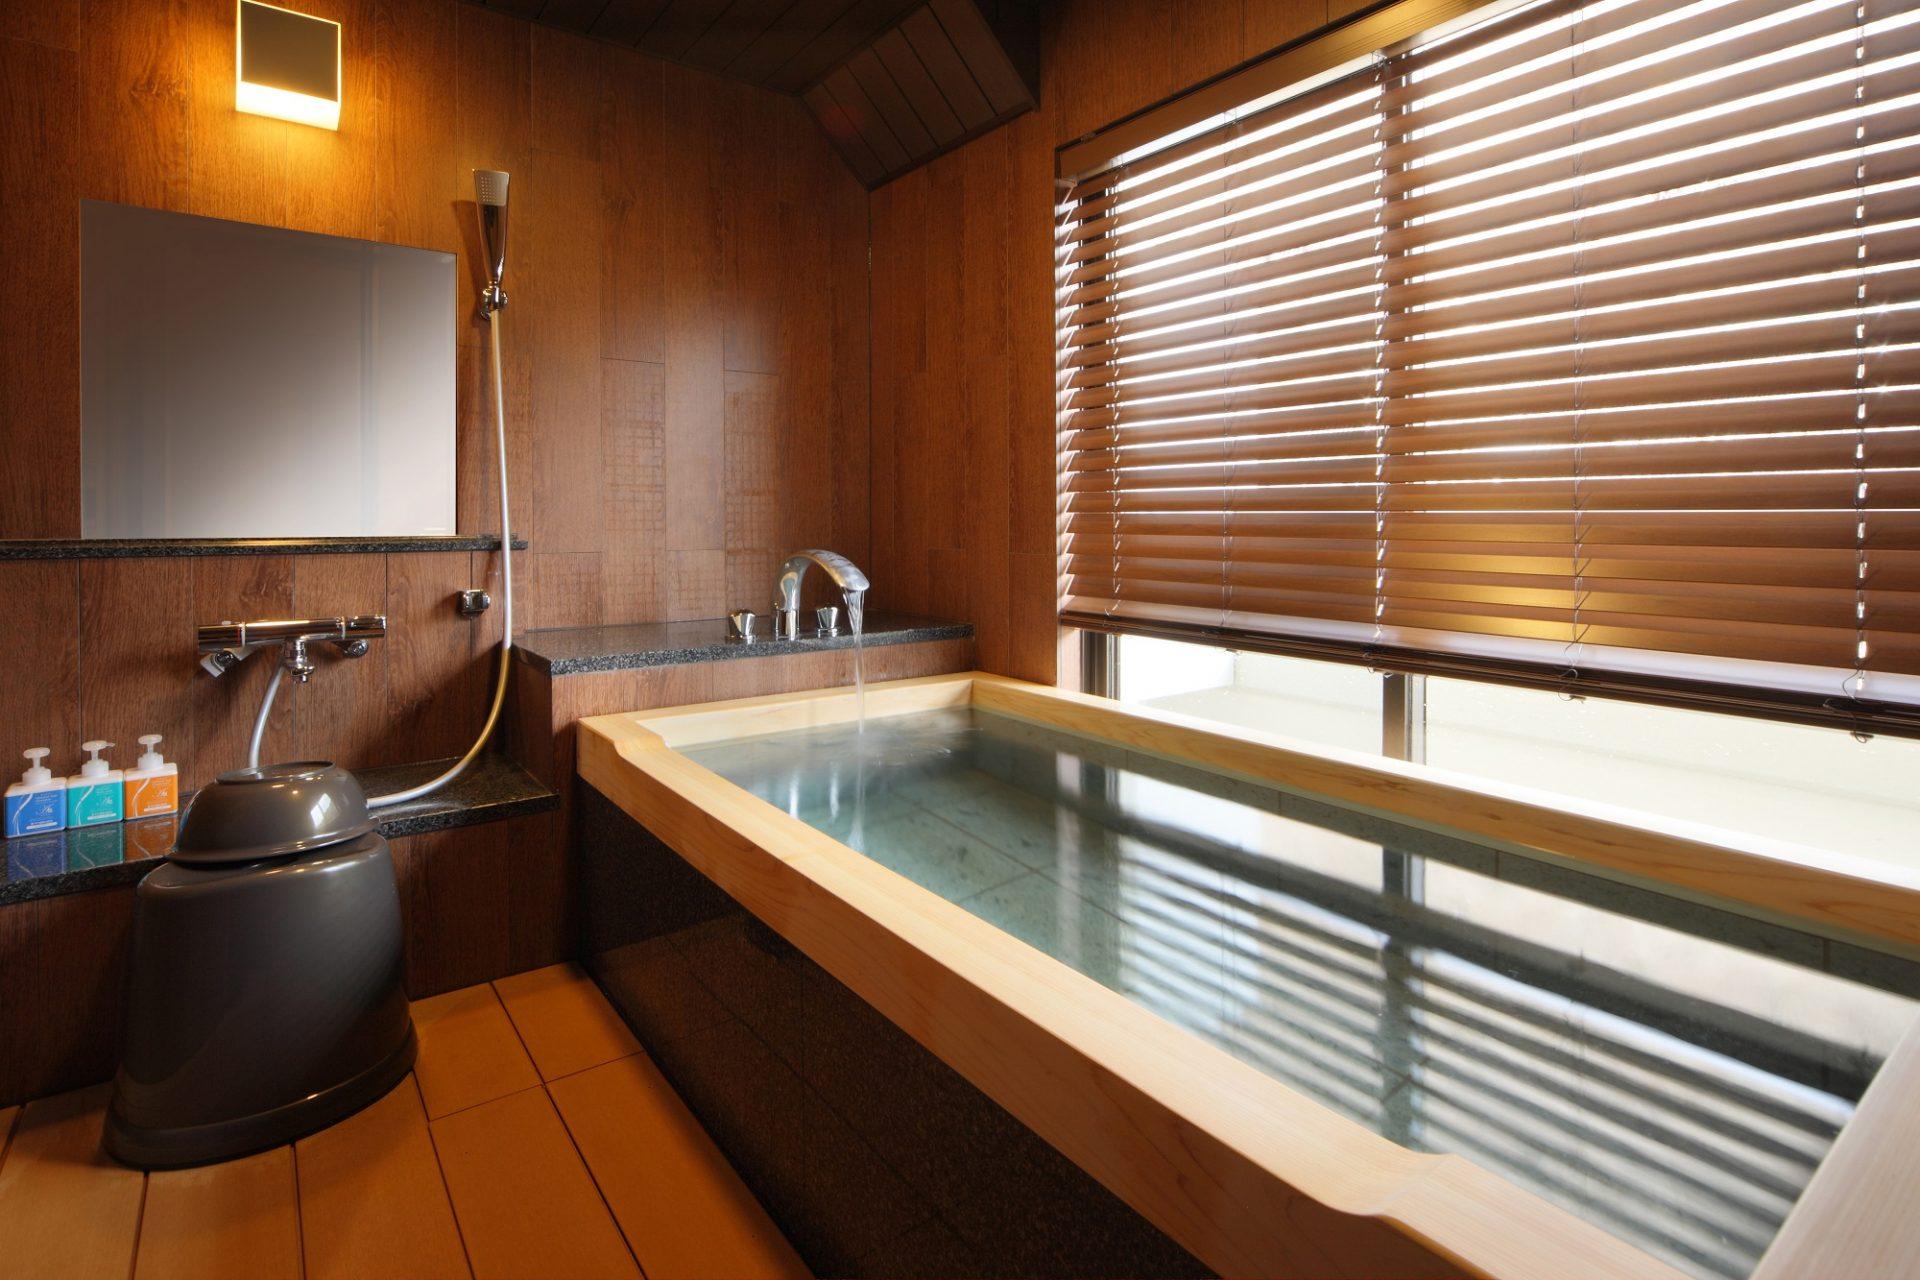 鬼怒川Asaya飯店和洋室景觀風呂